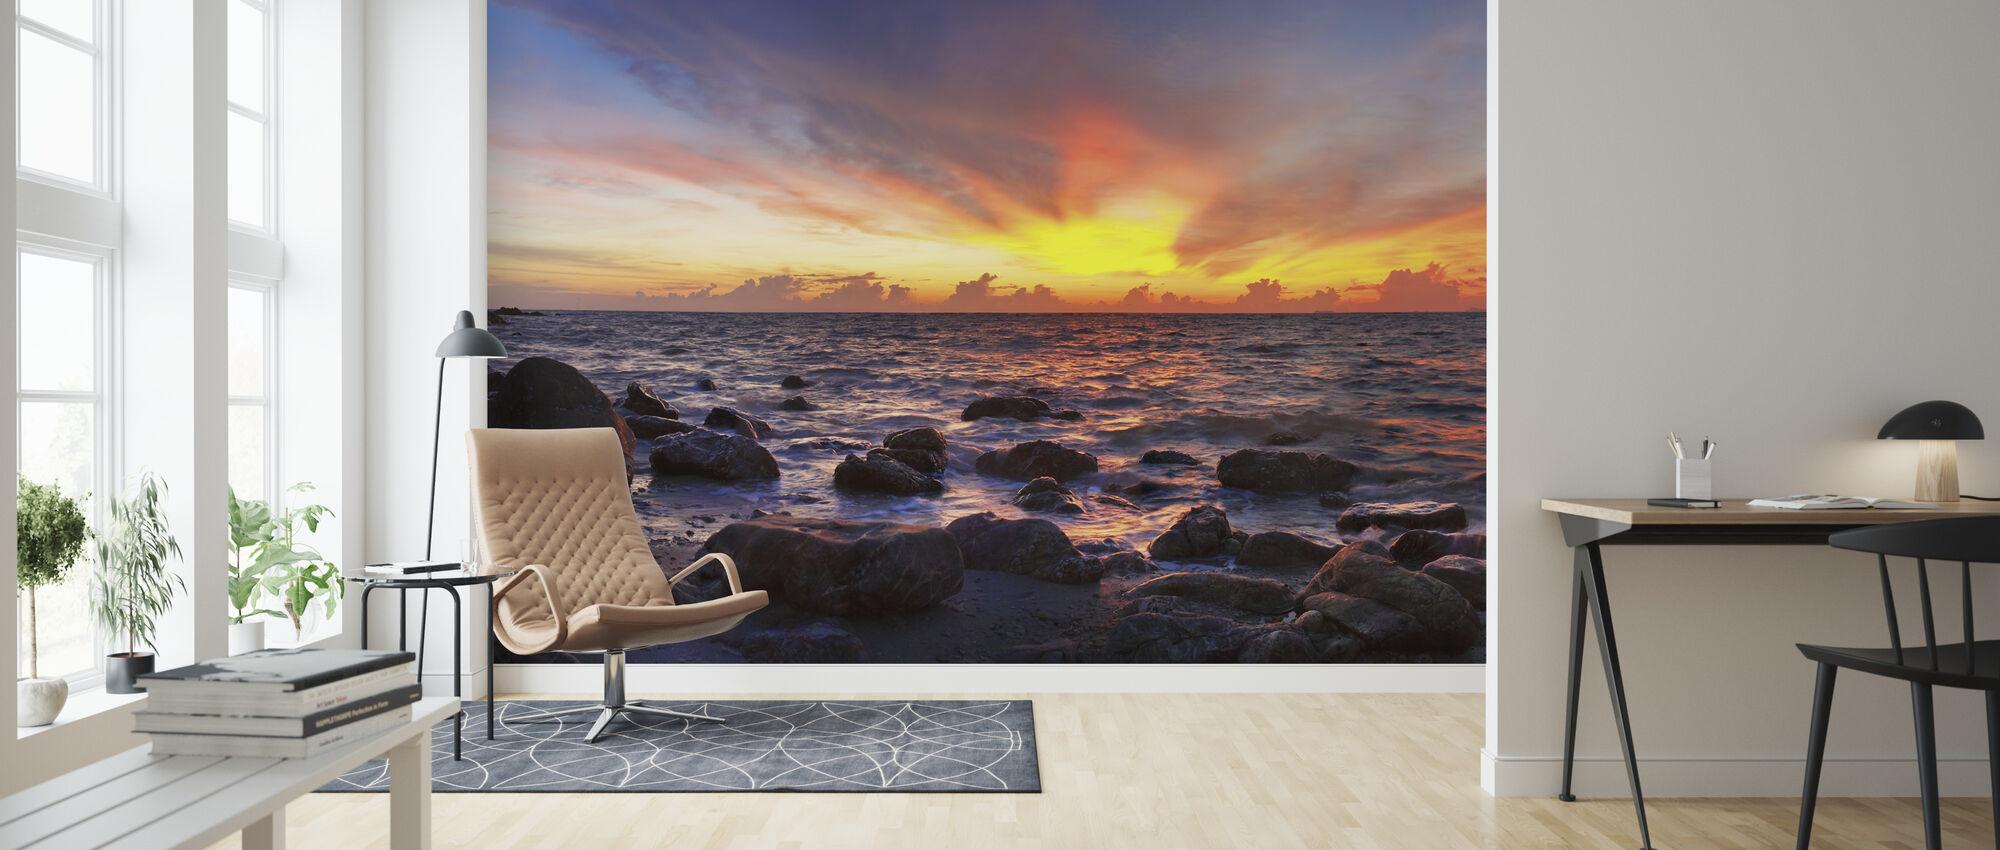 Vild solnedgang - Tapet - Stue